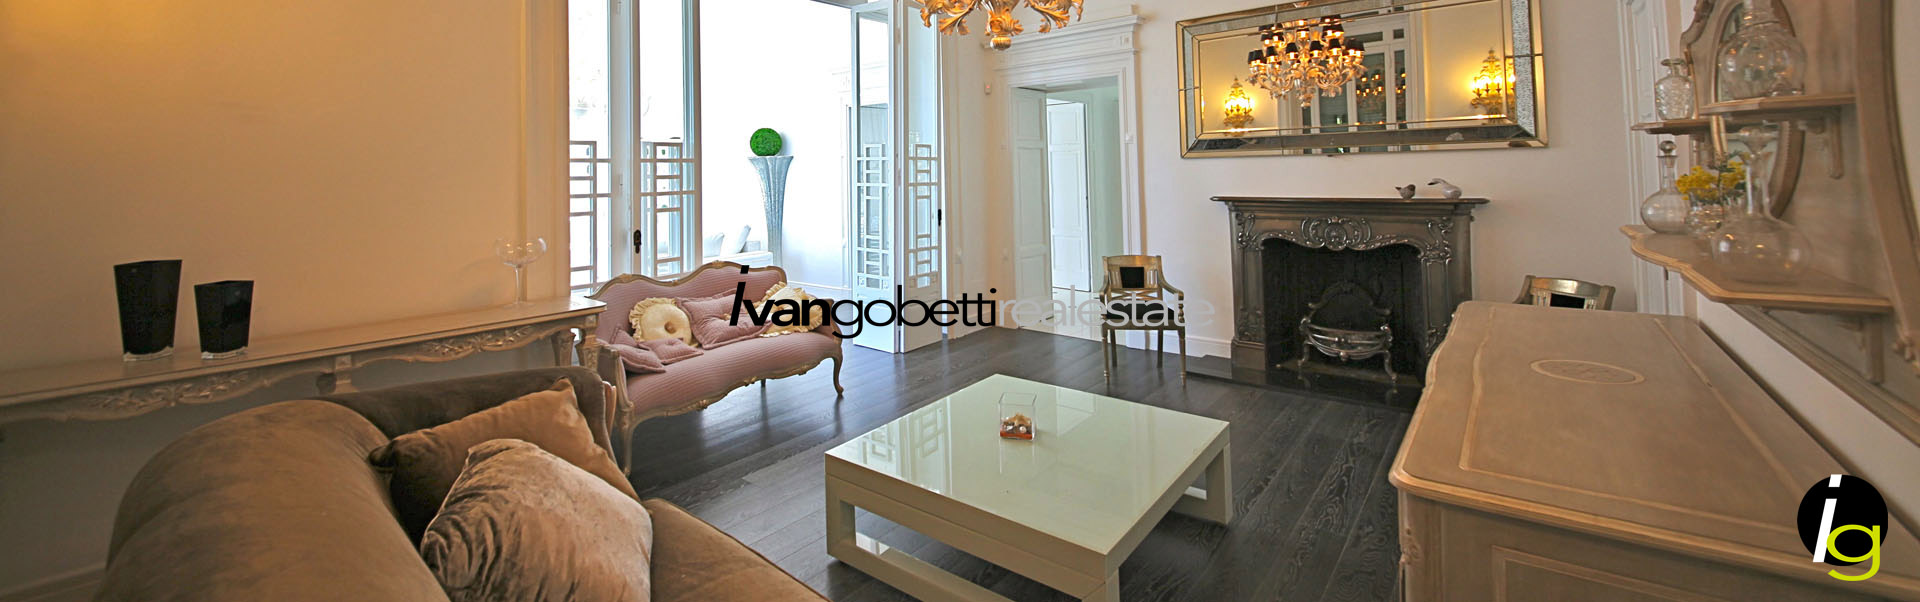 Importante villa storica in vendita sul Lago Maggiore